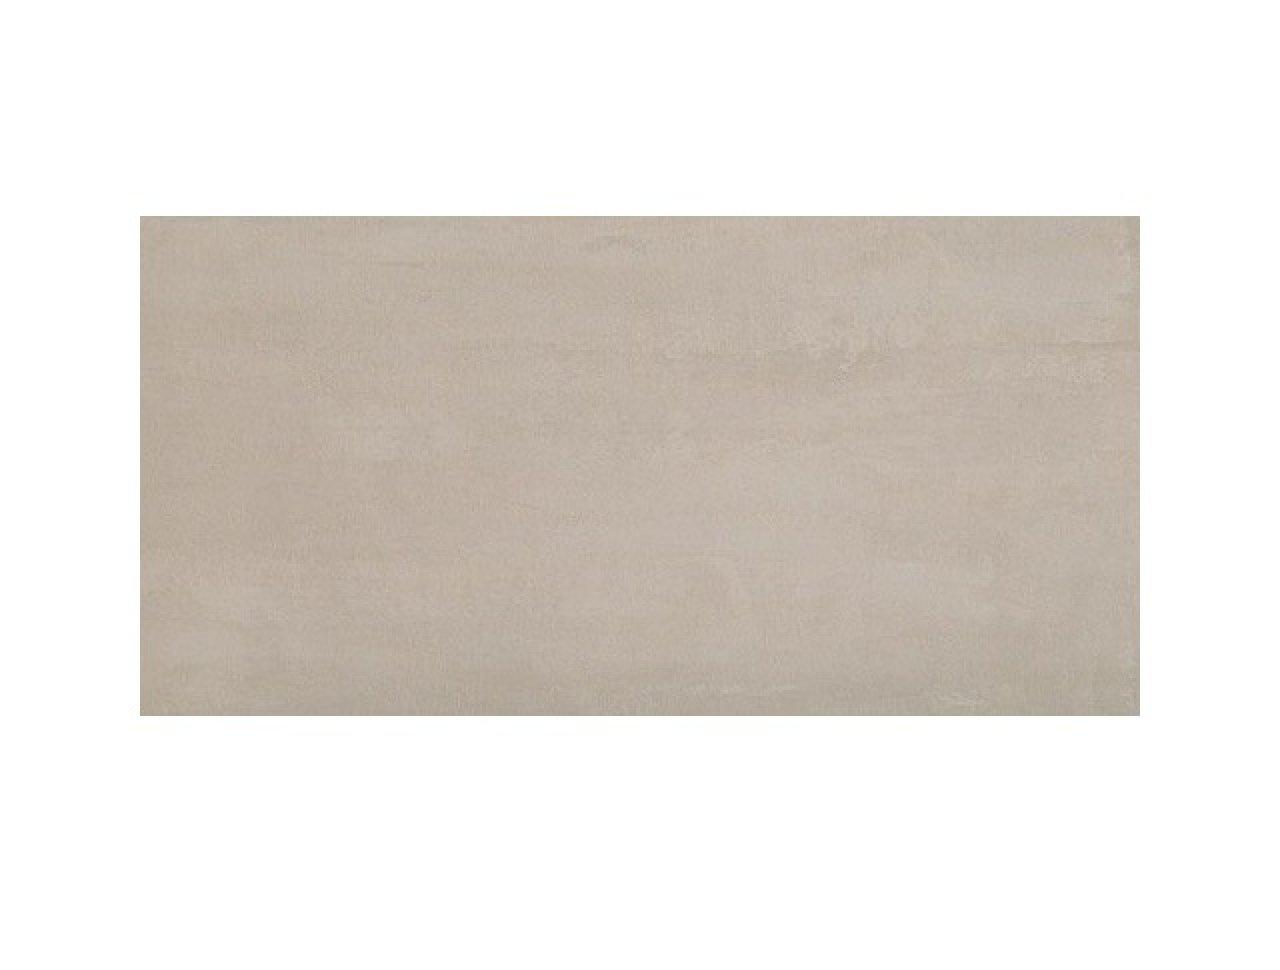 Настенная плитка Arty Malt 40x80